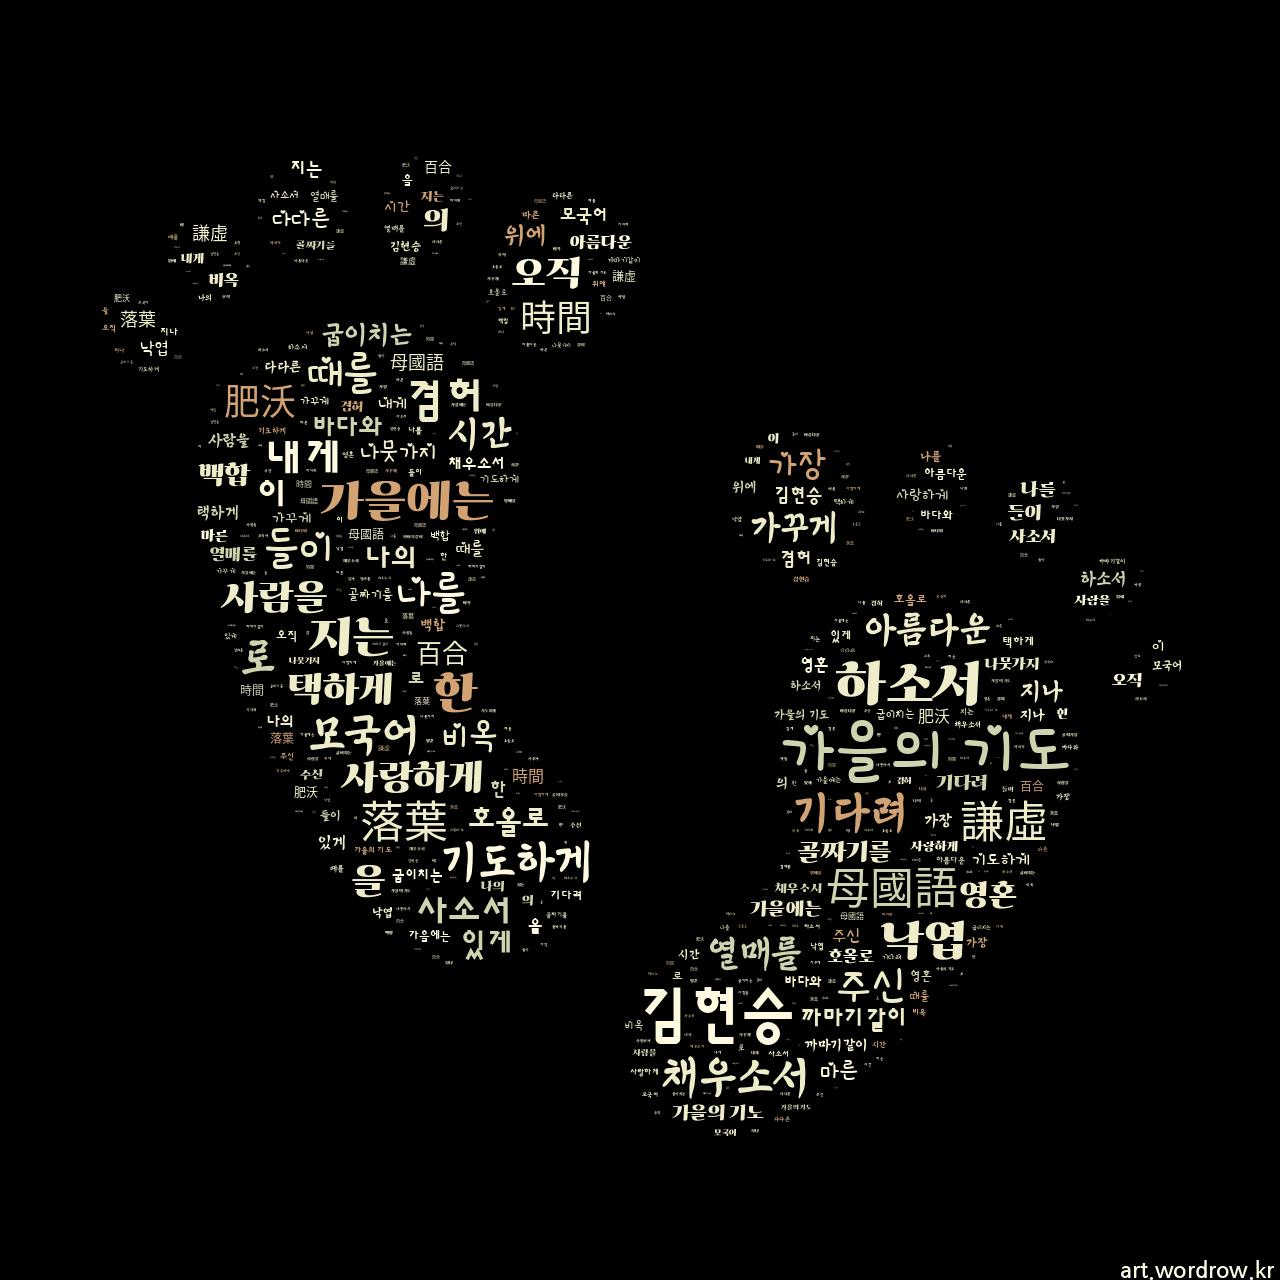 워드 클라우드: 가을의 기도 [김현승]-68